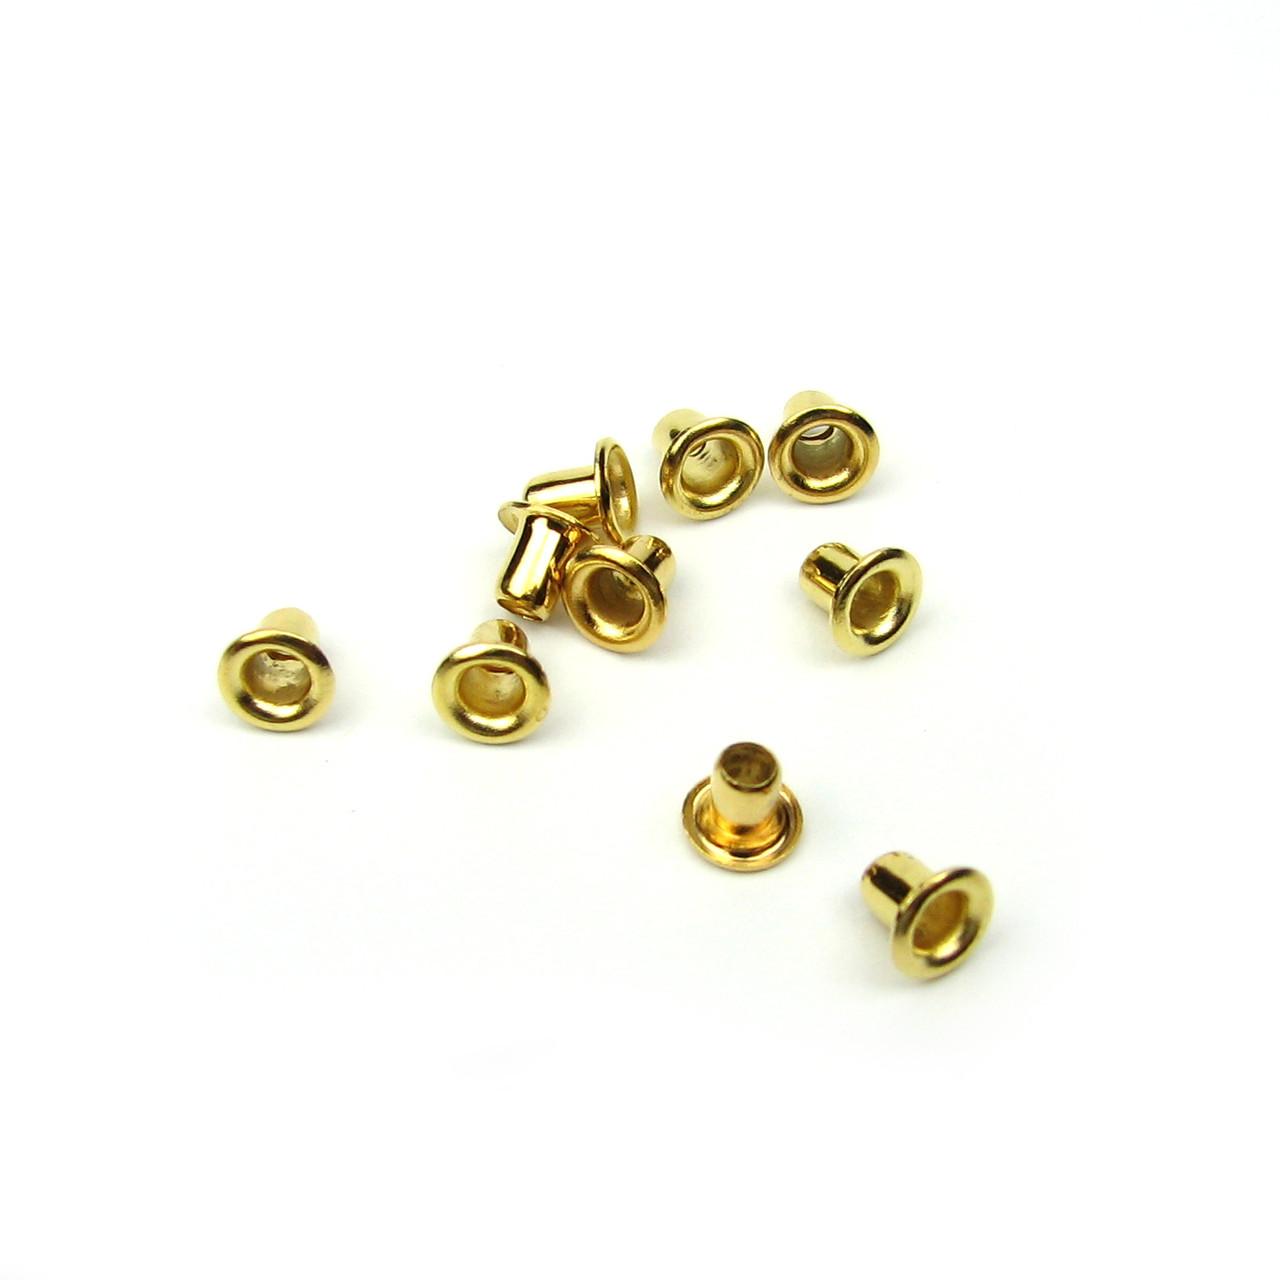 Люверсы Блочки для рукоделия 2мм золото 25шт в наборе